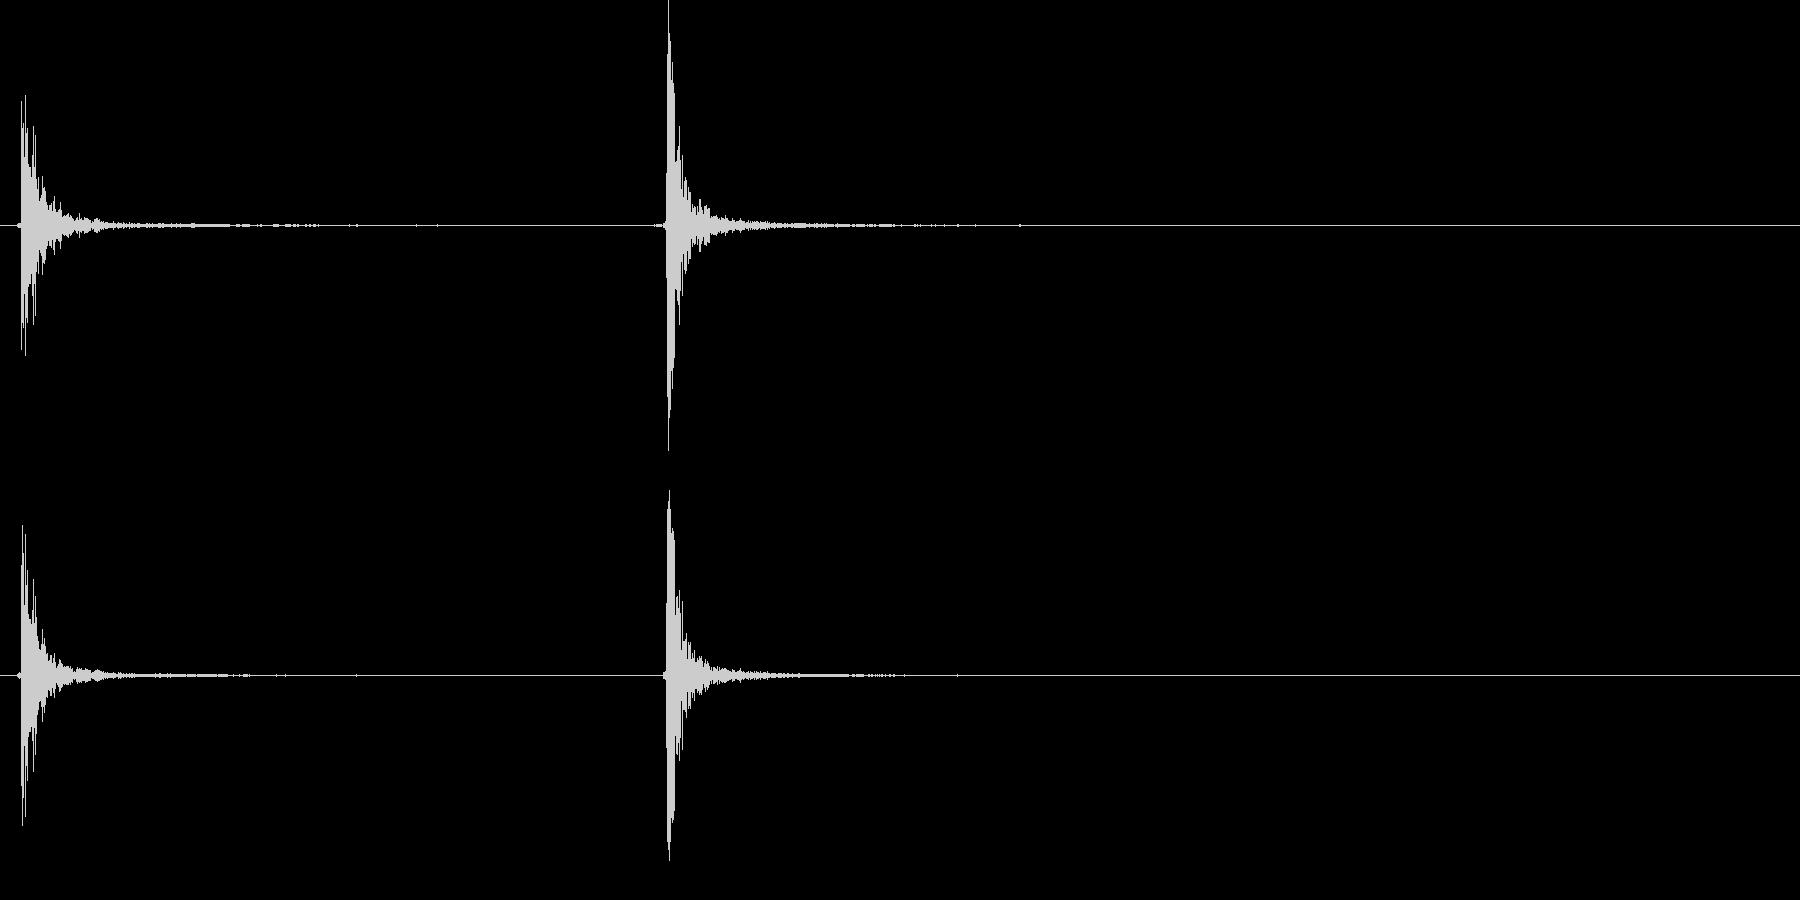 スモールトグルスイッチ:スペースボ...の未再生の波形